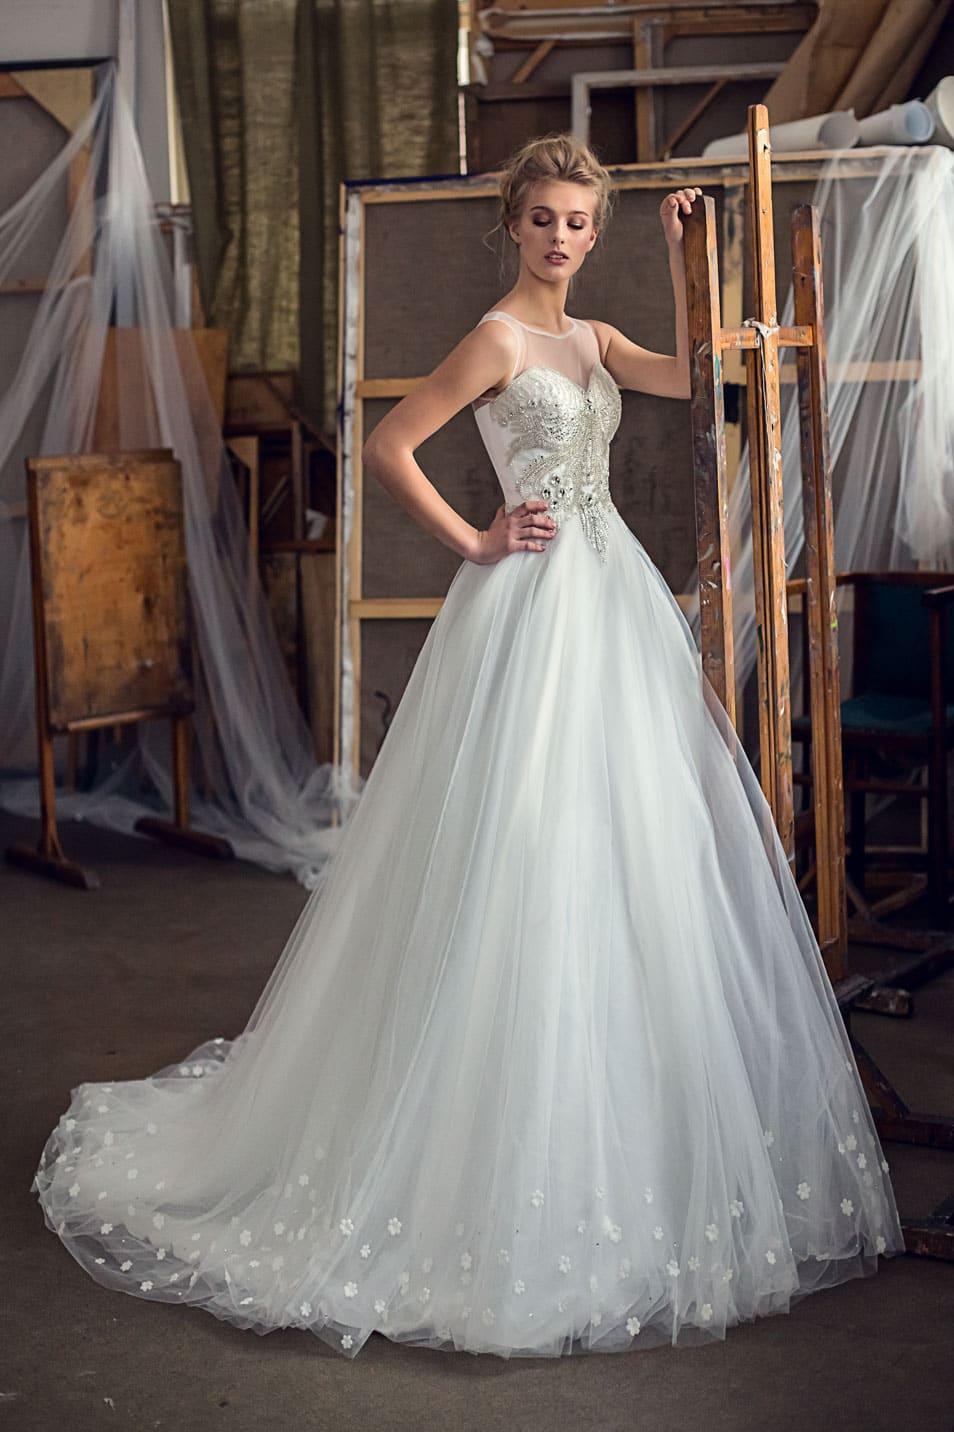 5e0803cf7e2 Пышное свадебное платье с многослойной юбкой и сверкающим декором закрытого  верха.